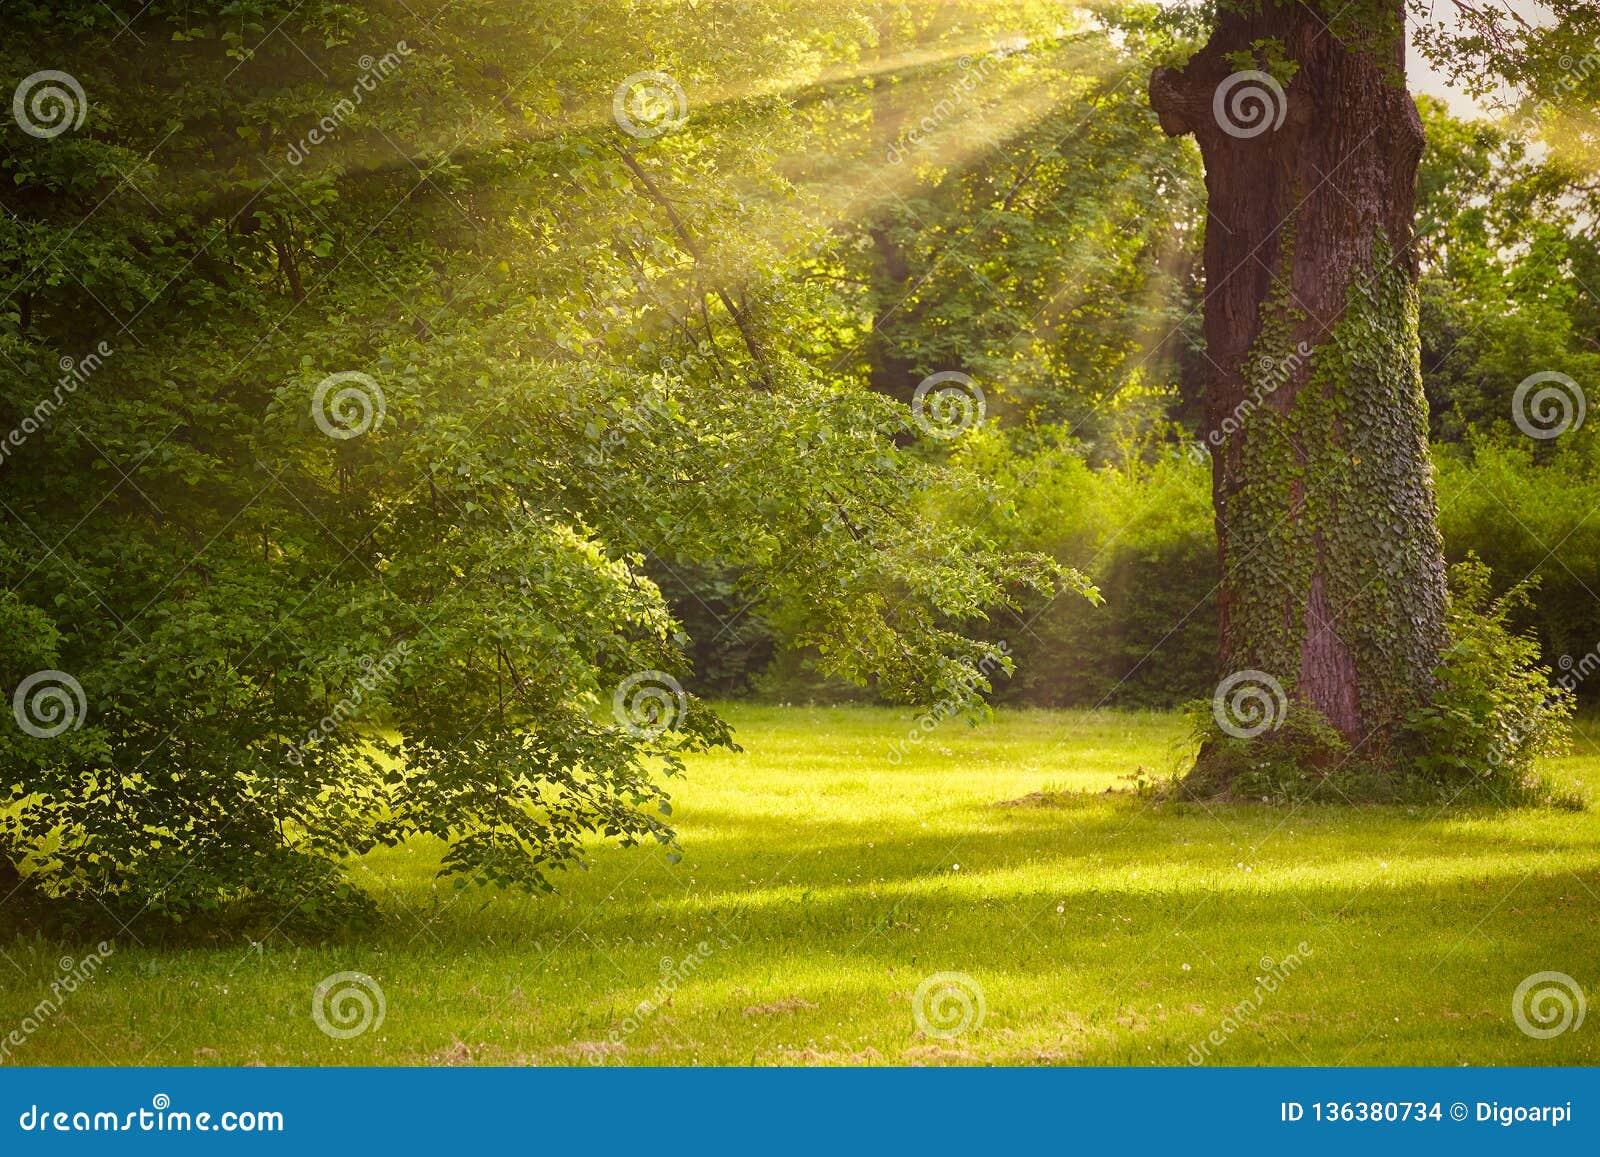 Grote eiken boomboomstam in het park met zonlicht en zonnestraal